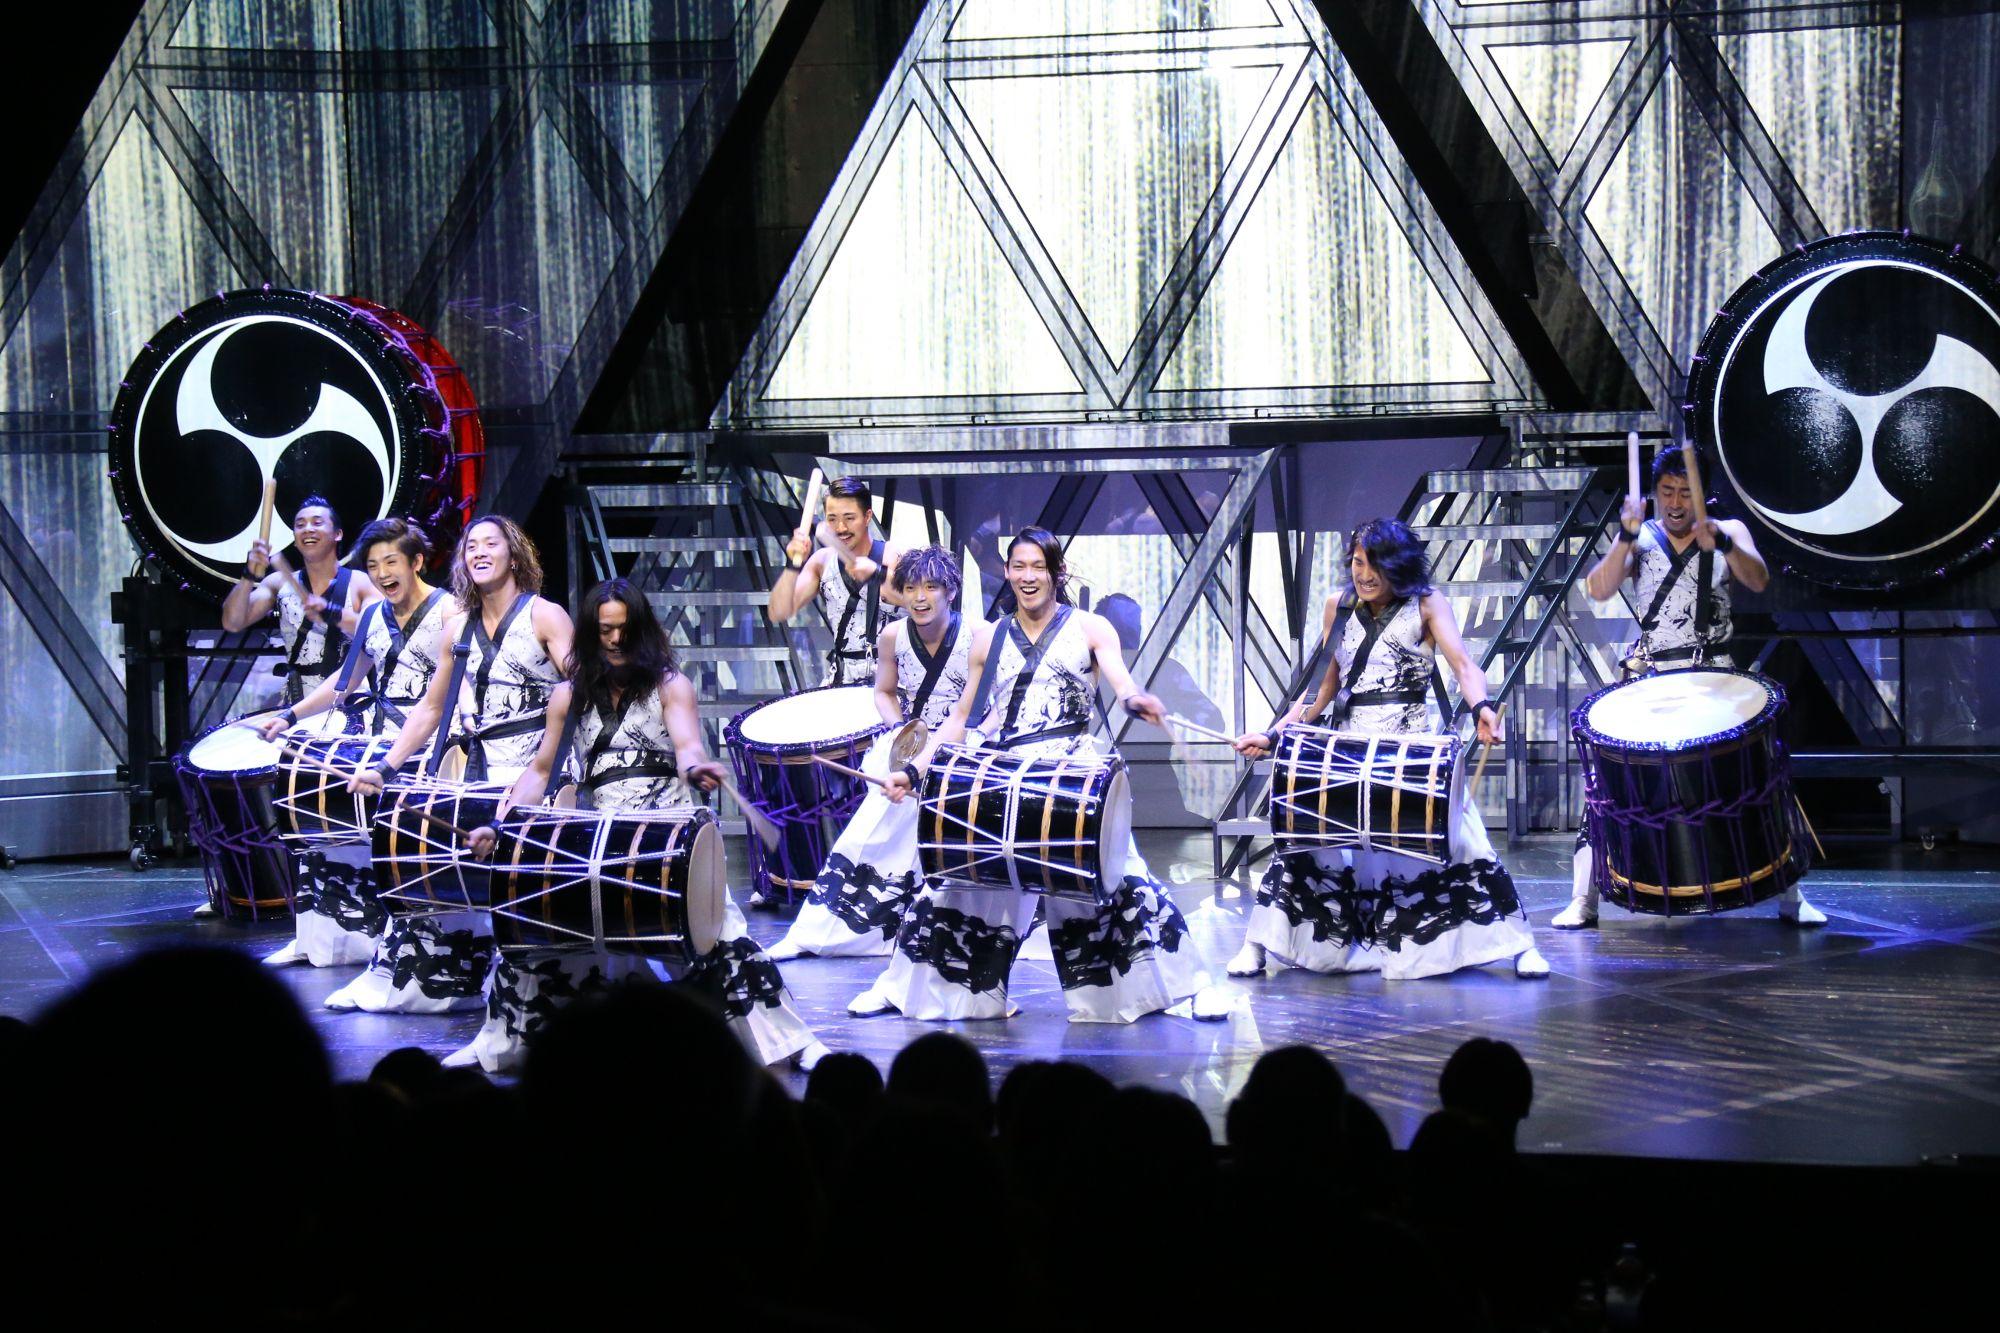 萬華響2019公演現場,照片版權©teamLab